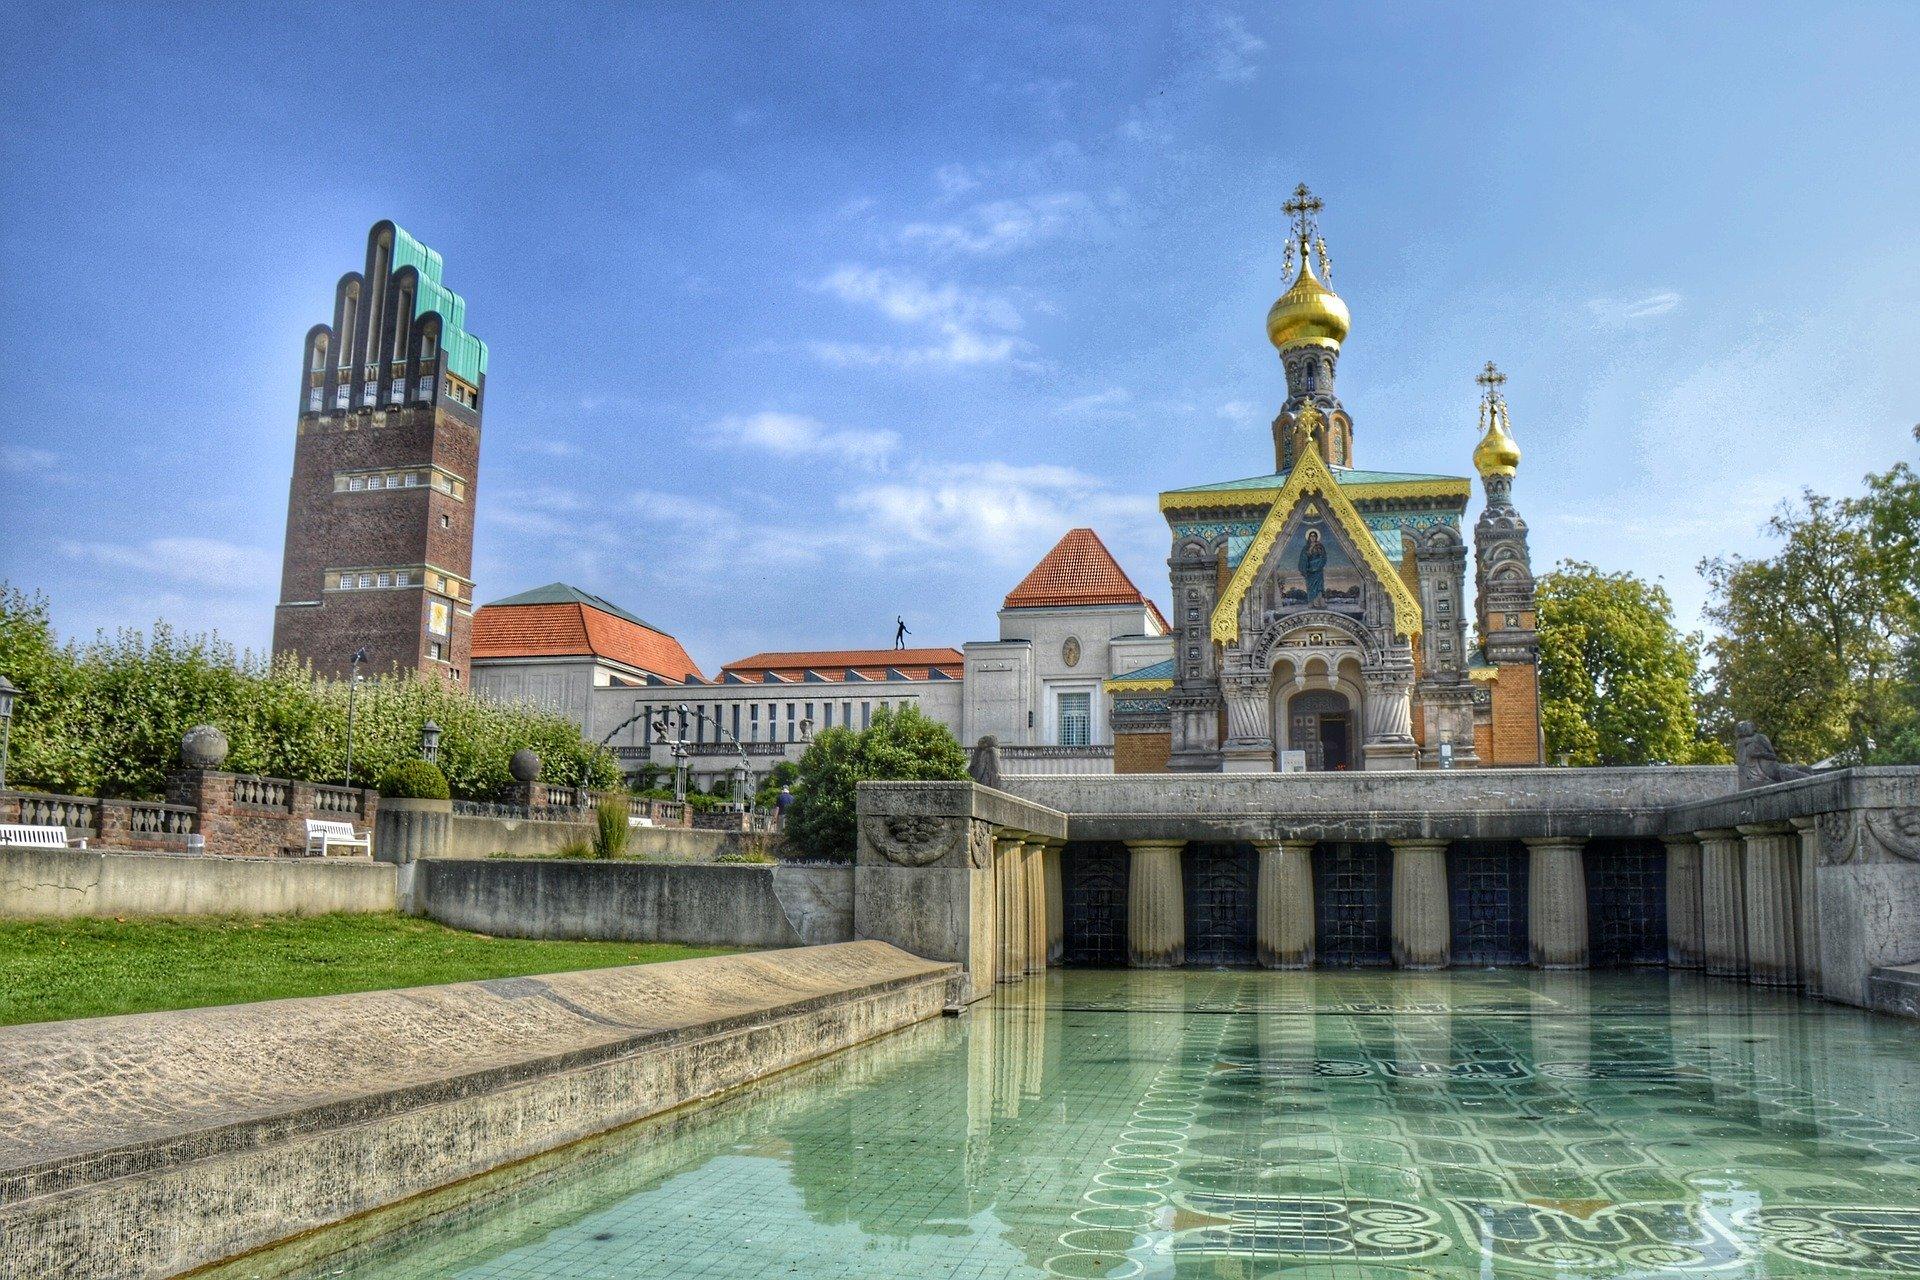 Altstadtimpressionen aus Darmstadt